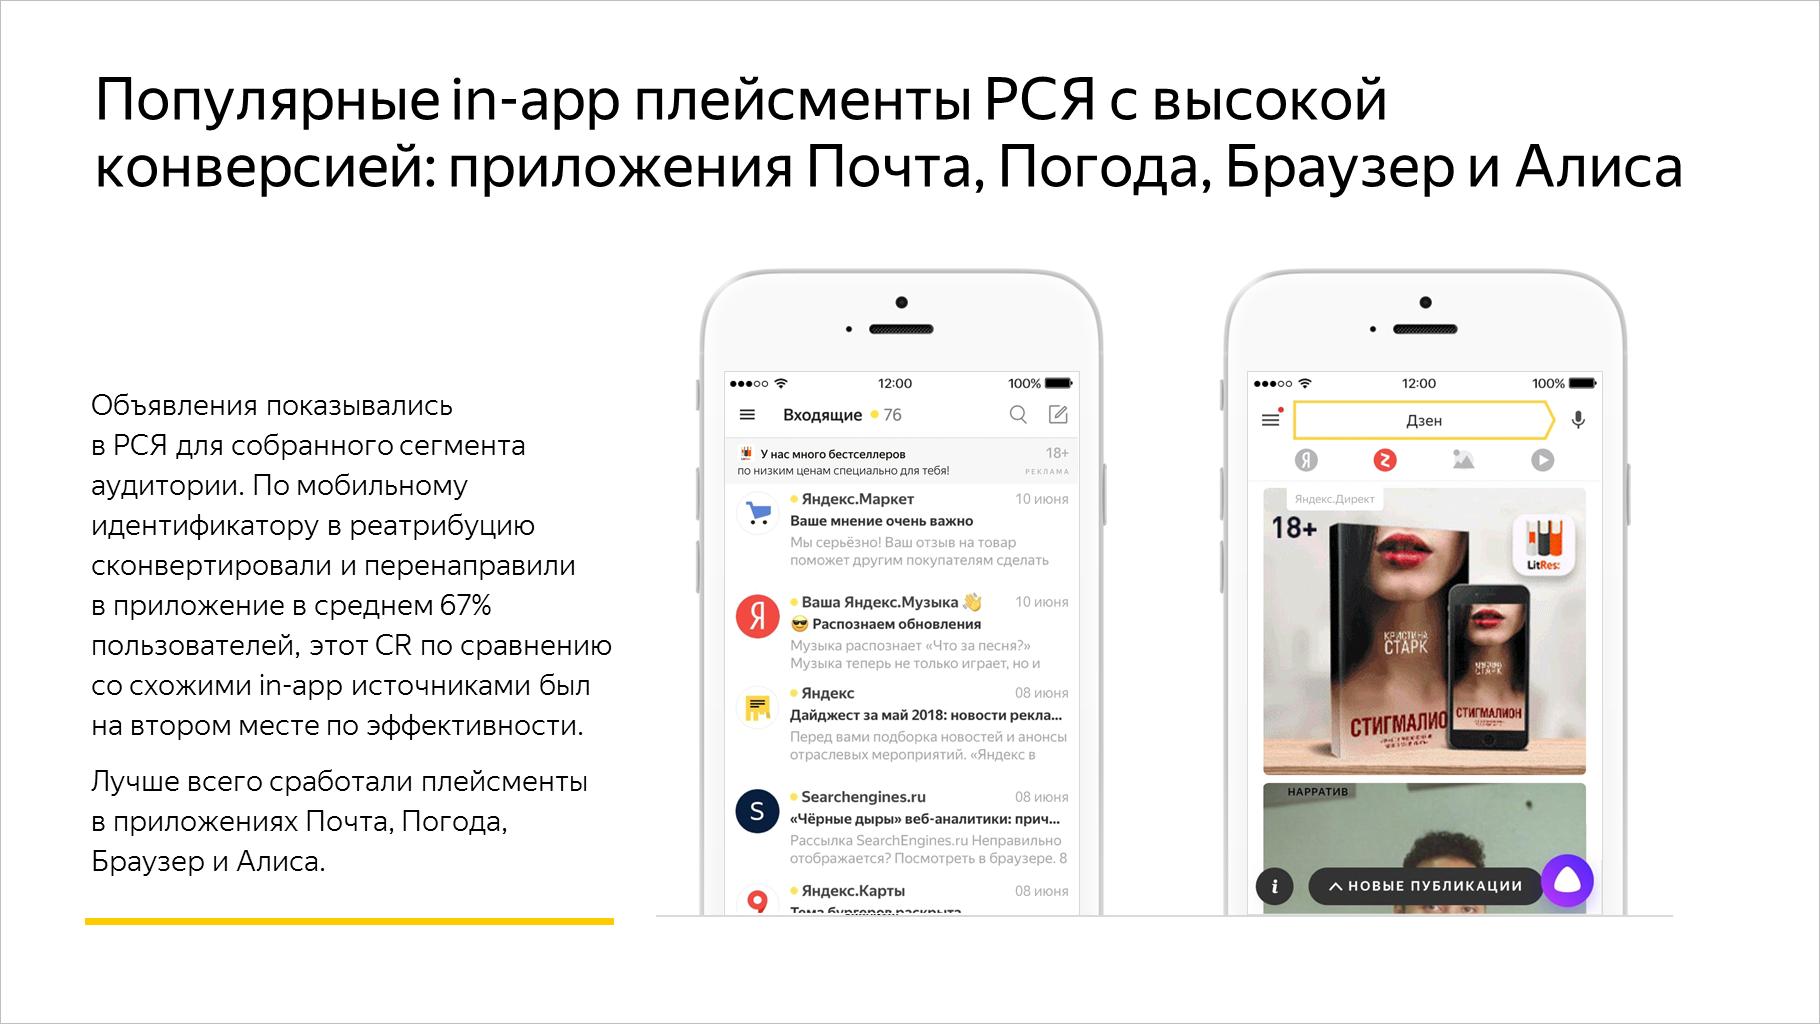 Популярные in-app плейсменты РСЯ с высокой конверсией: приложения Почта, Погода, Браузер и Алиса